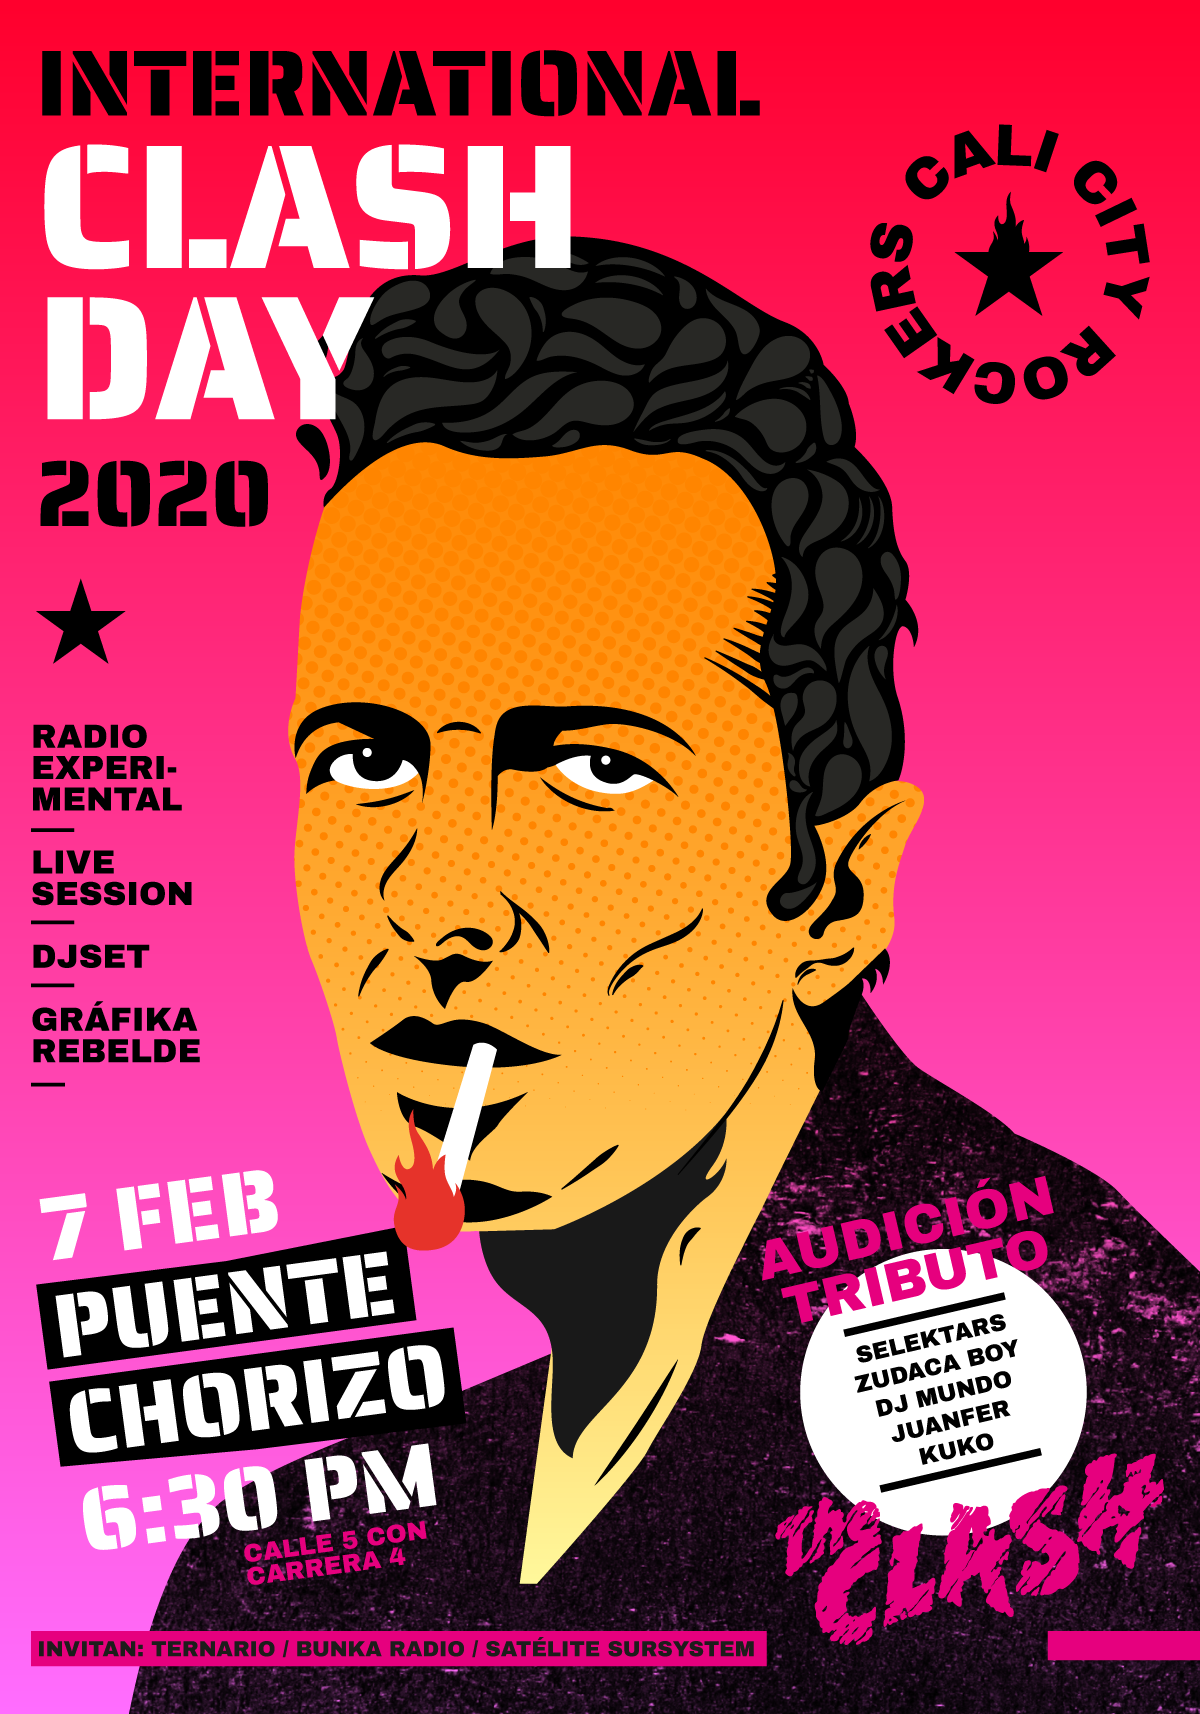 Homenaje a The Clash desde la comunicación alterativa/// Cali city rockers - CLASH-DAY_1